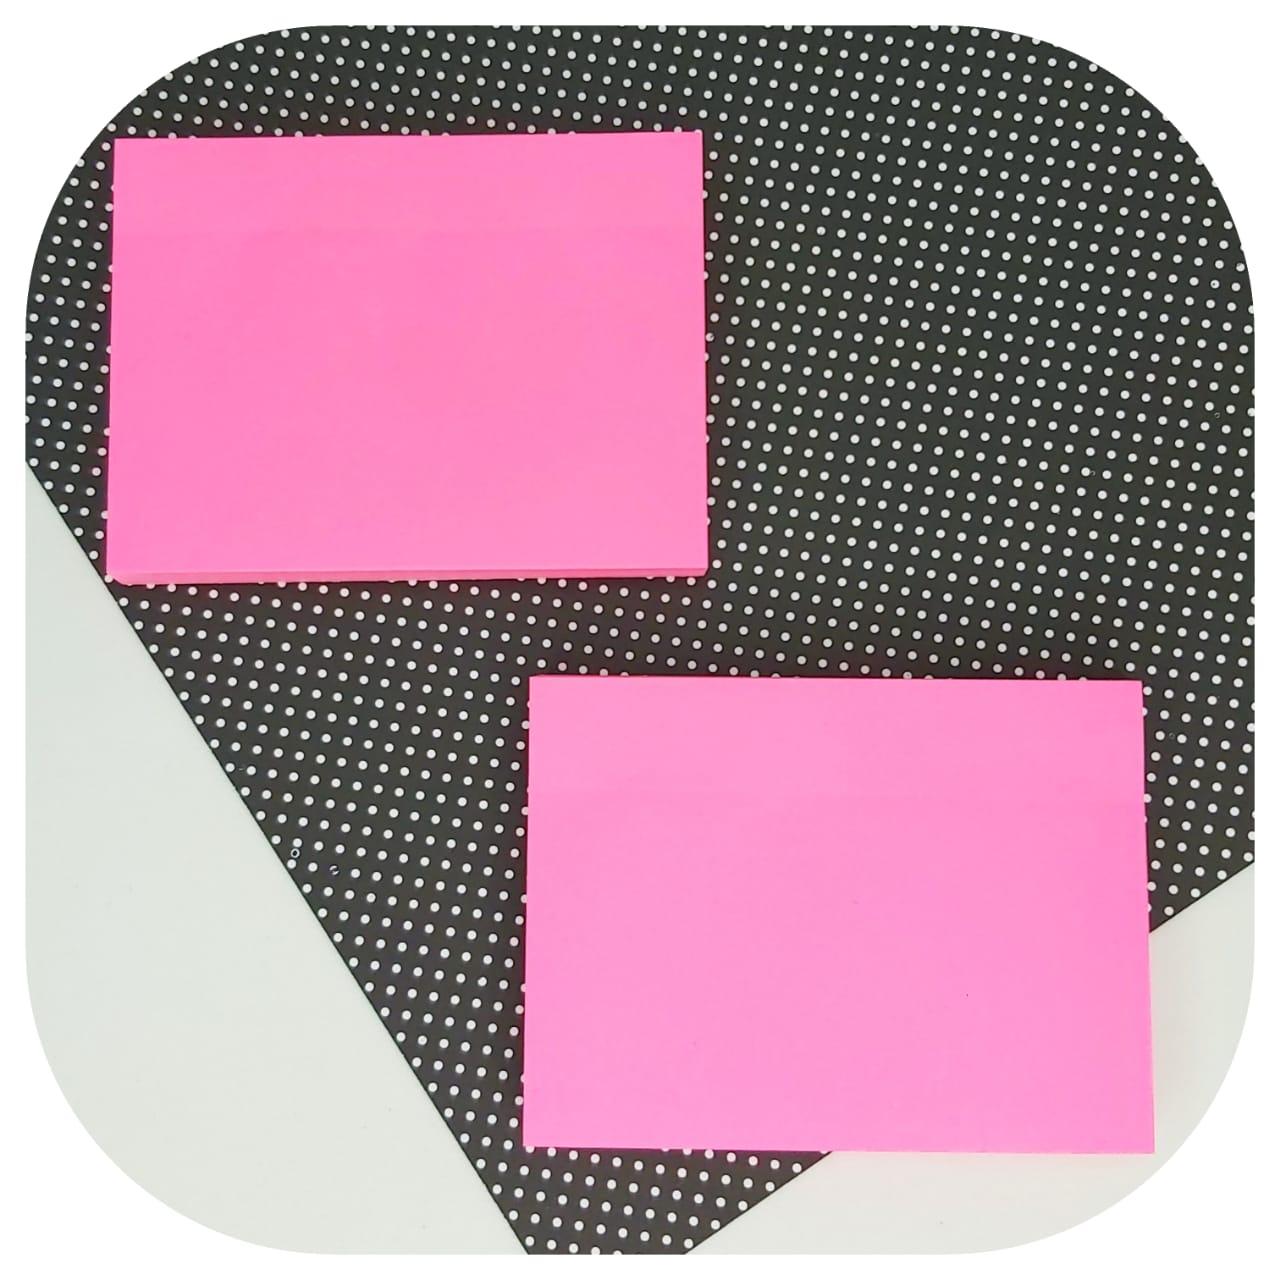 Bloco de Anotações - 76x102mm - Rosa Neon - BRW